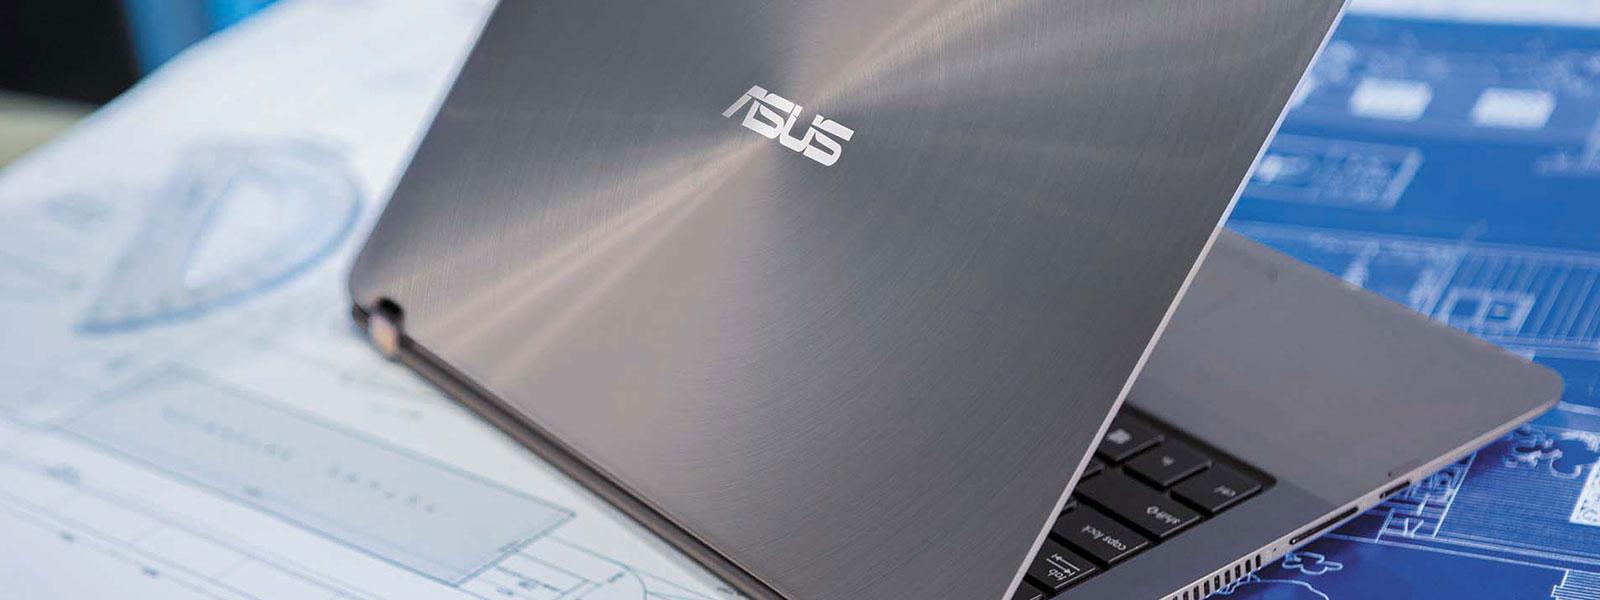 L'ASUS Zenbook Flip UX360UA sur un bureau.